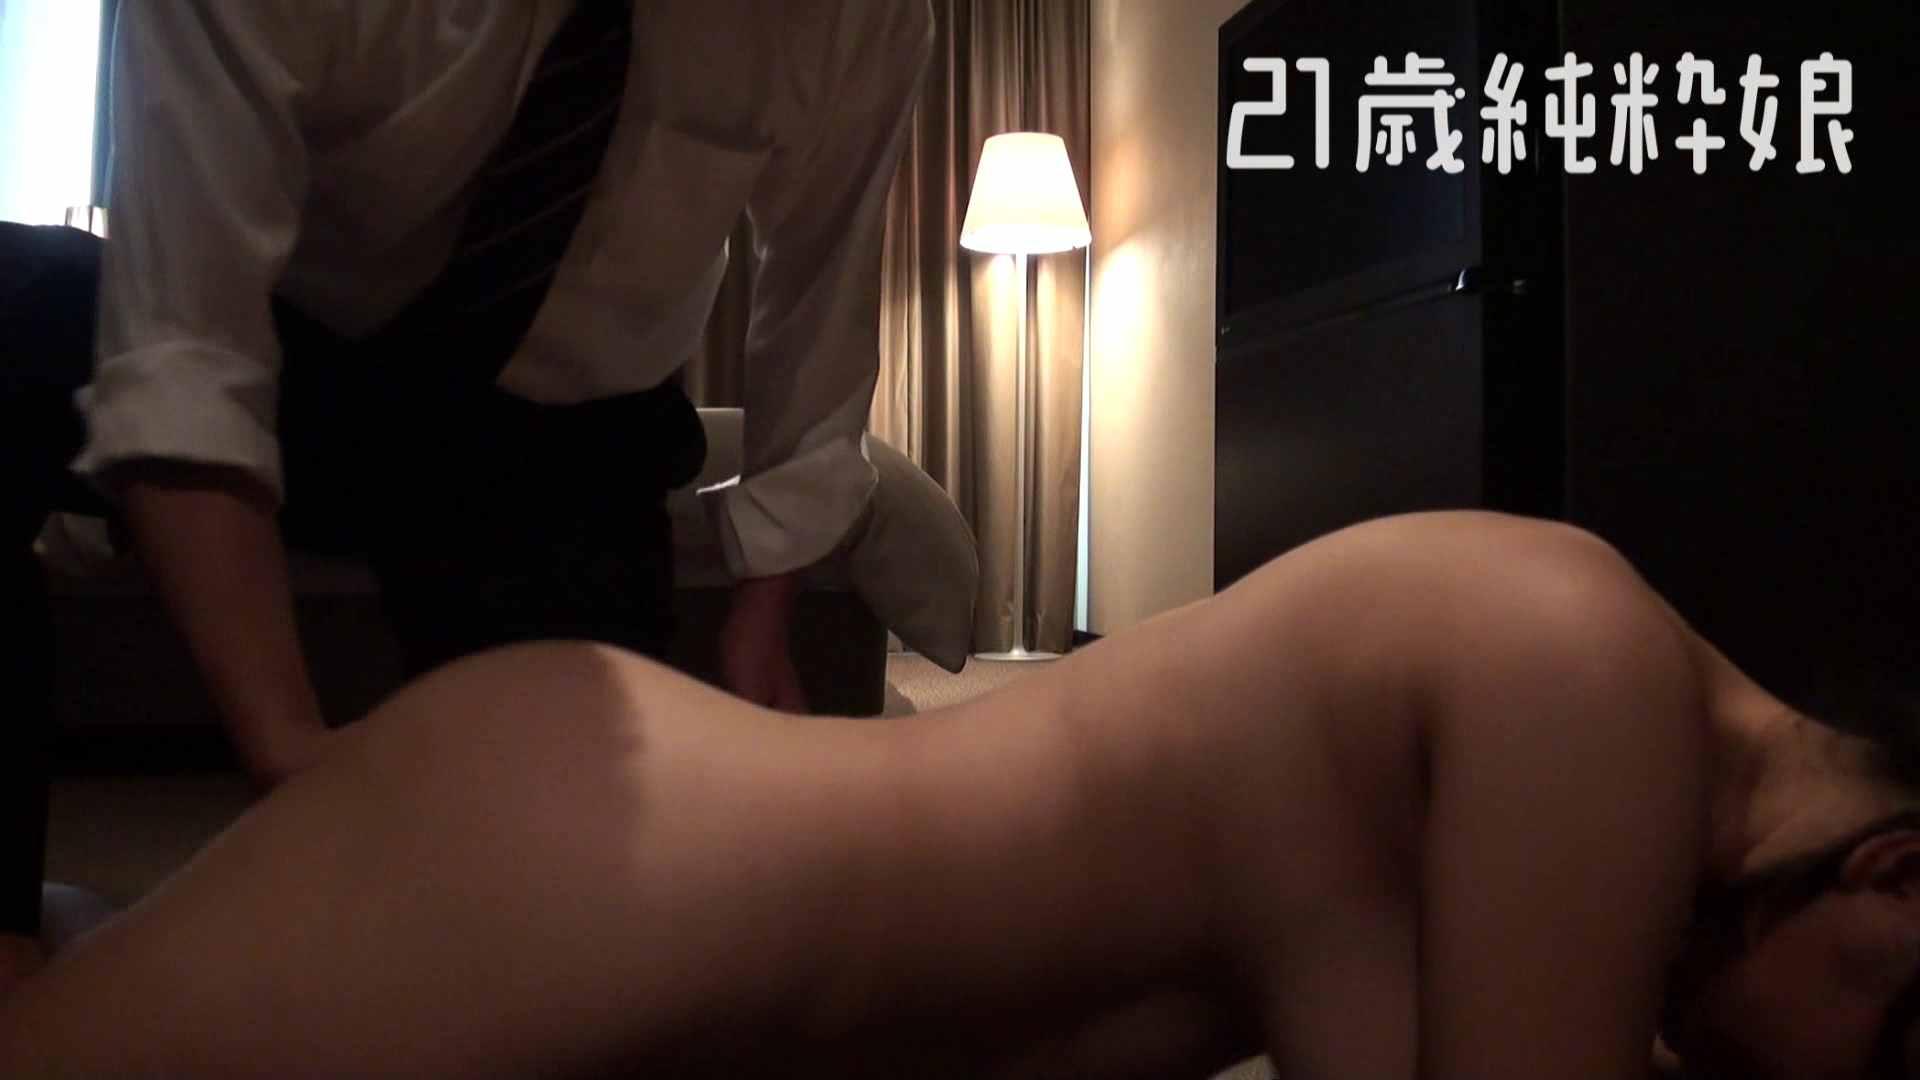 上京したばかりのGカップ21歳純粋嬢を都合の良い女にしてみた2 一般投稿 | オナニー覗き見  102pic 65